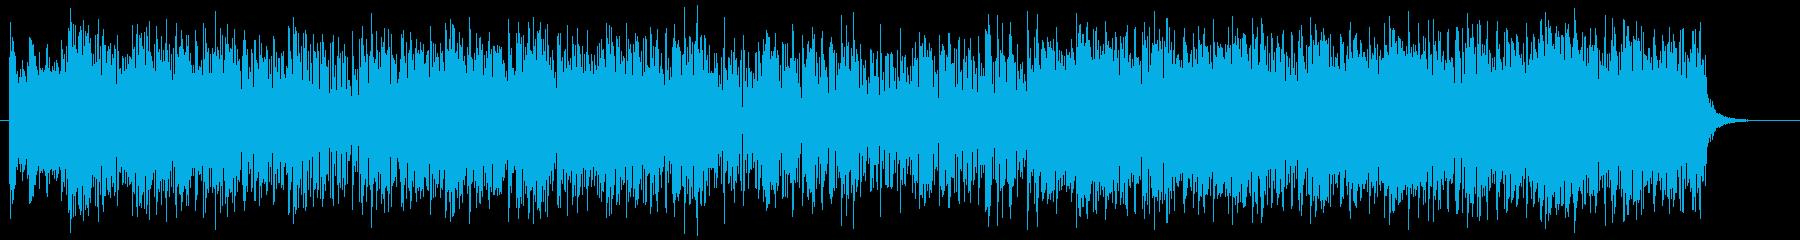 エネルギッシュで爽快なリズムのロックの再生済みの波形